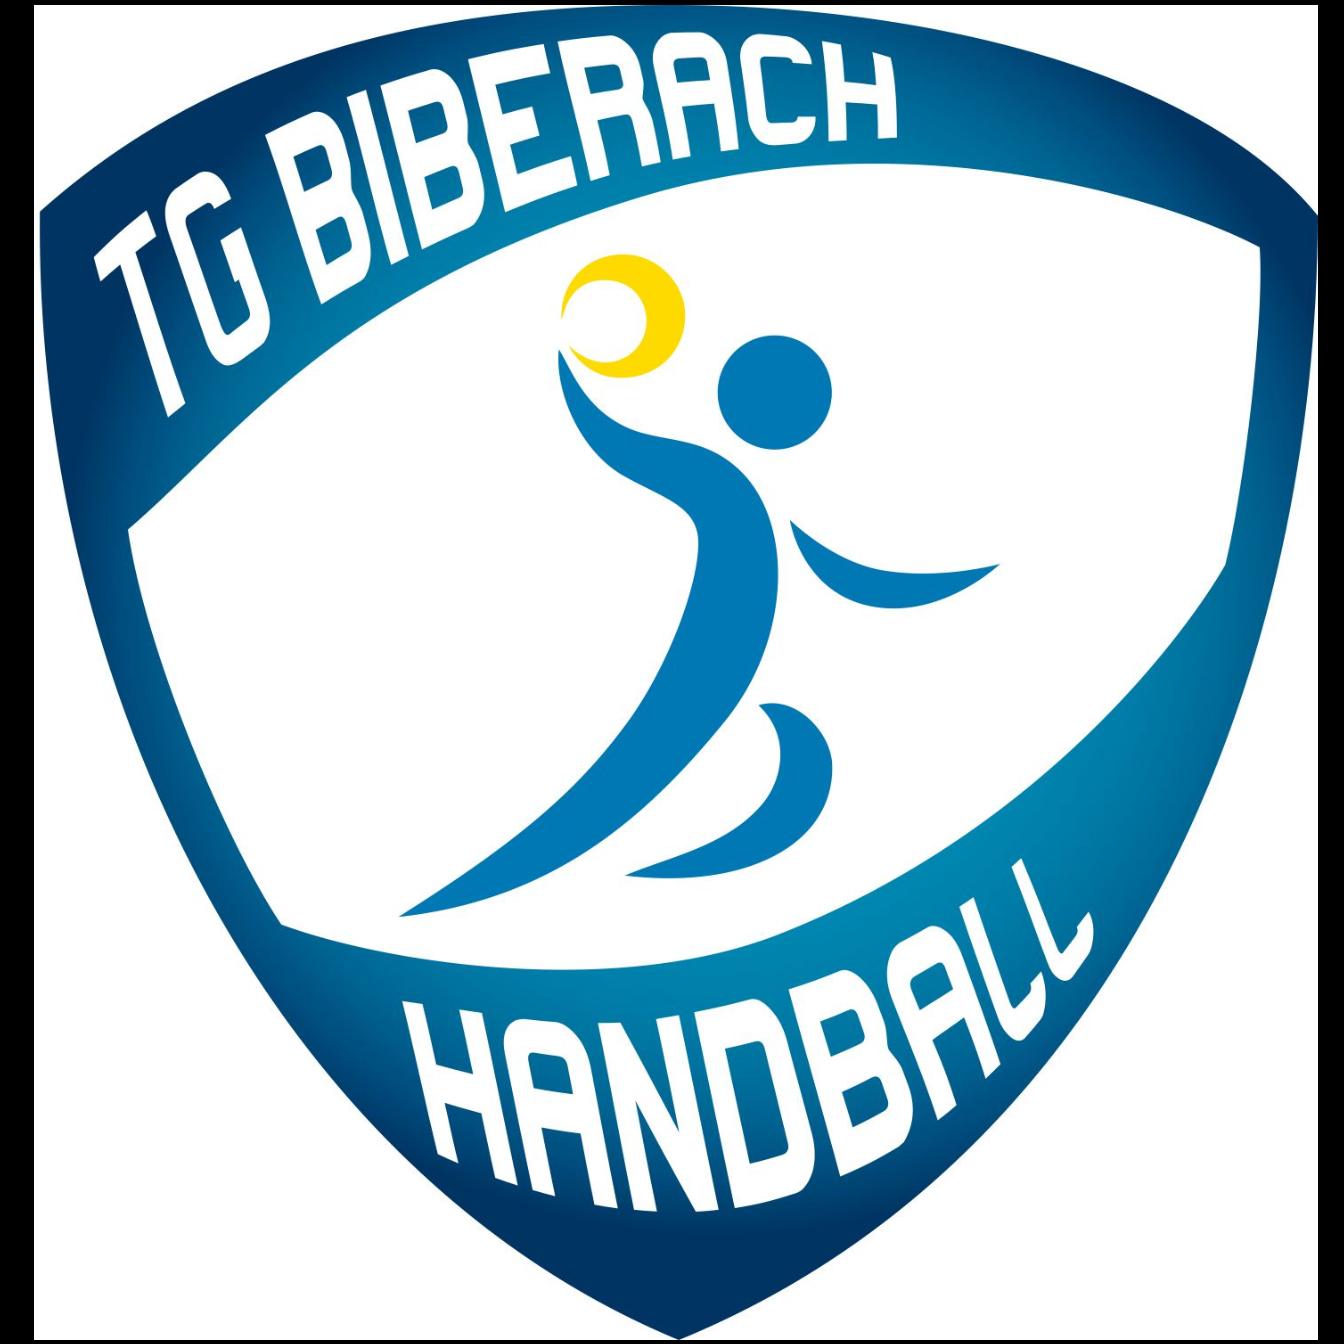 TG Biberach Handball